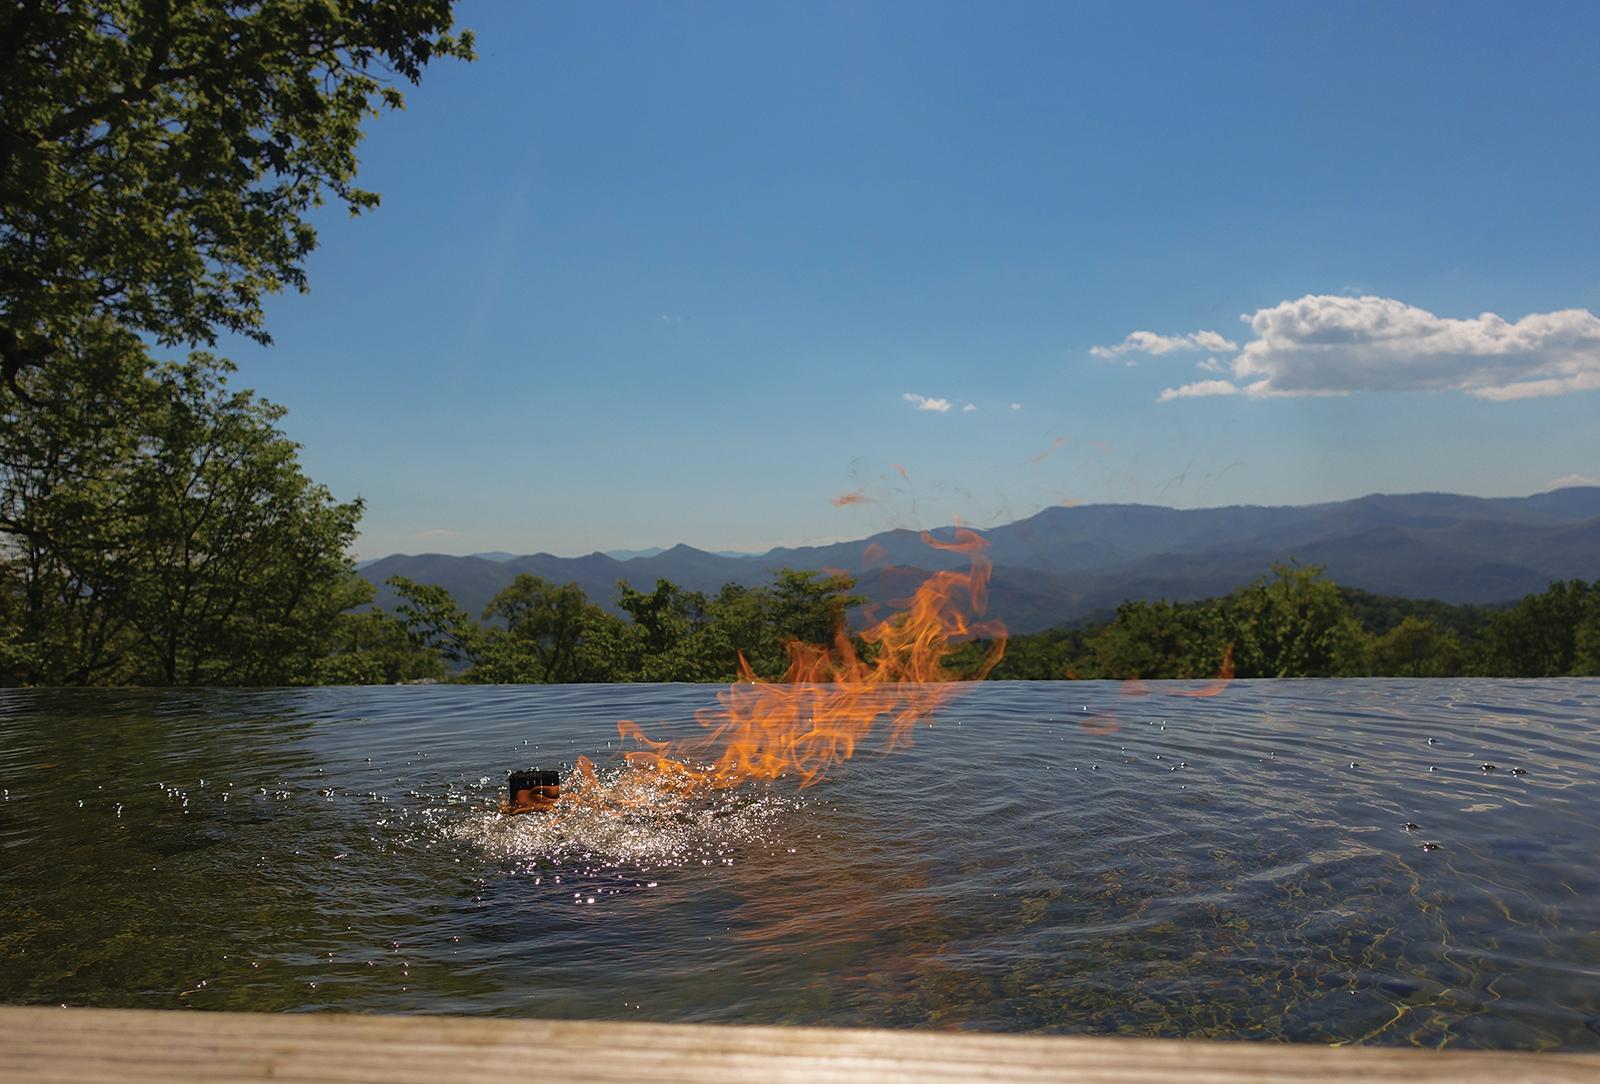 fire-water-restaurant-view-highlands-nc